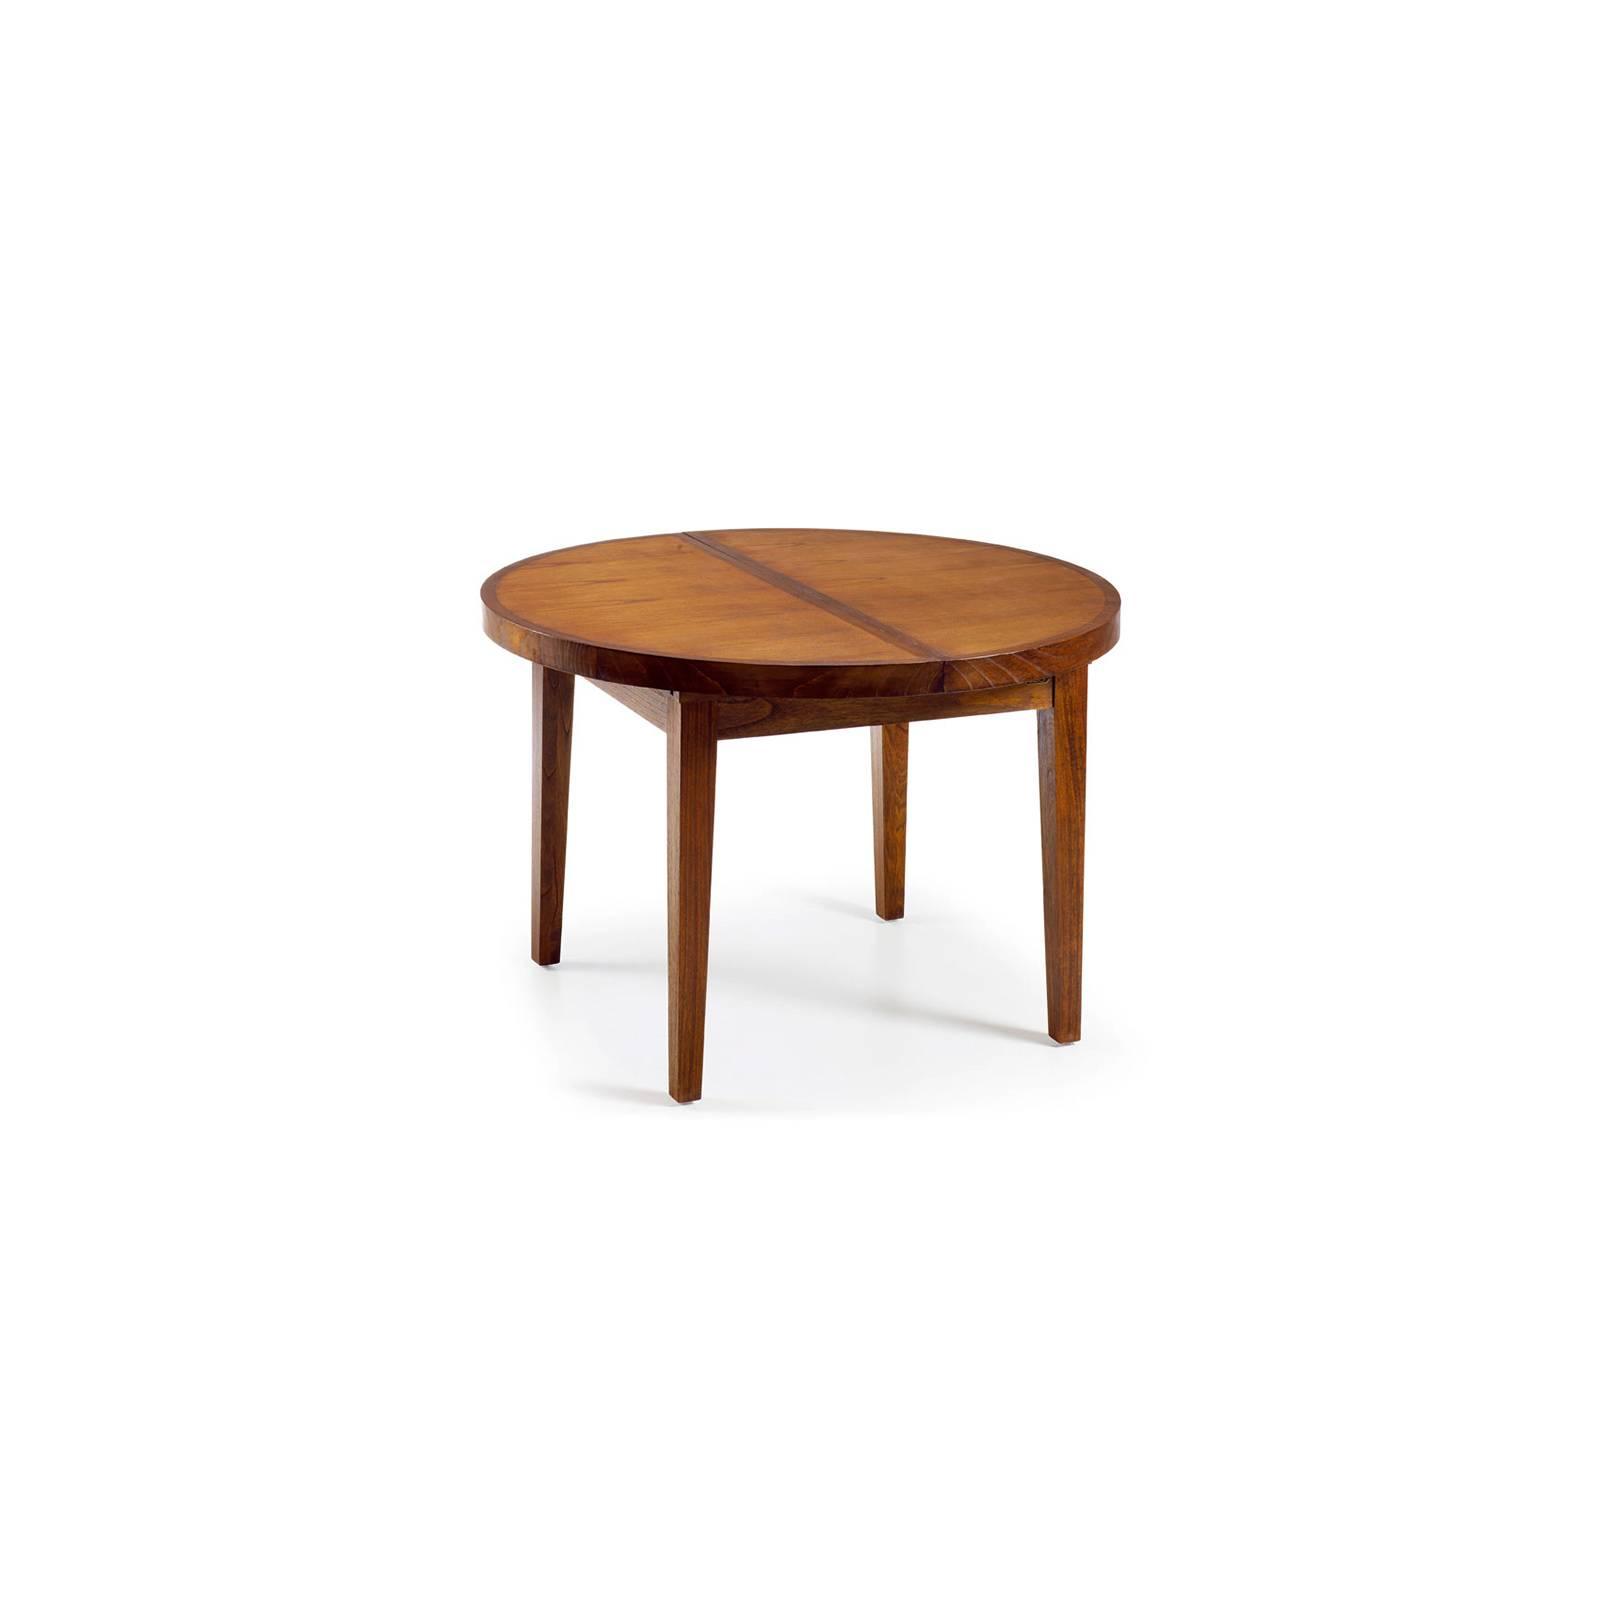 Table De Repas Ronde Rallonges Tali Mindy - meuble bois exotique